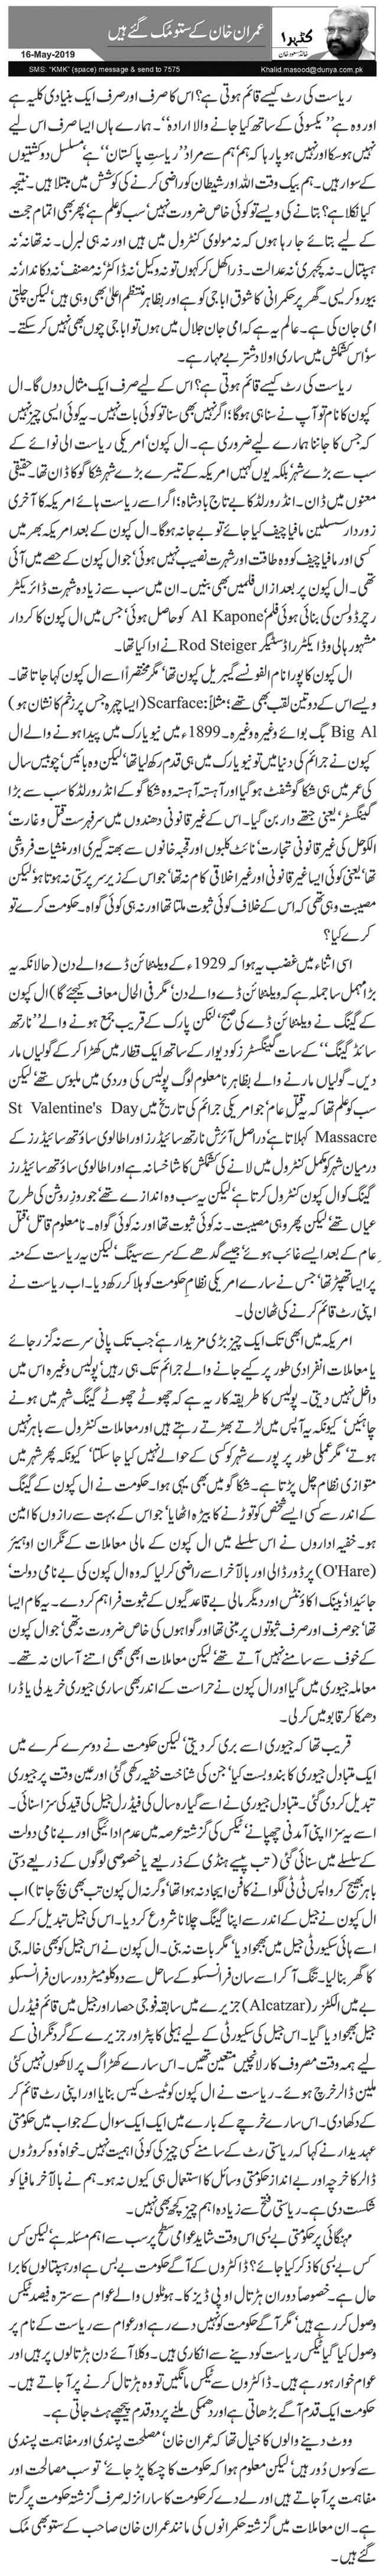 عمران خان کے ستو مُک گئے ہیں